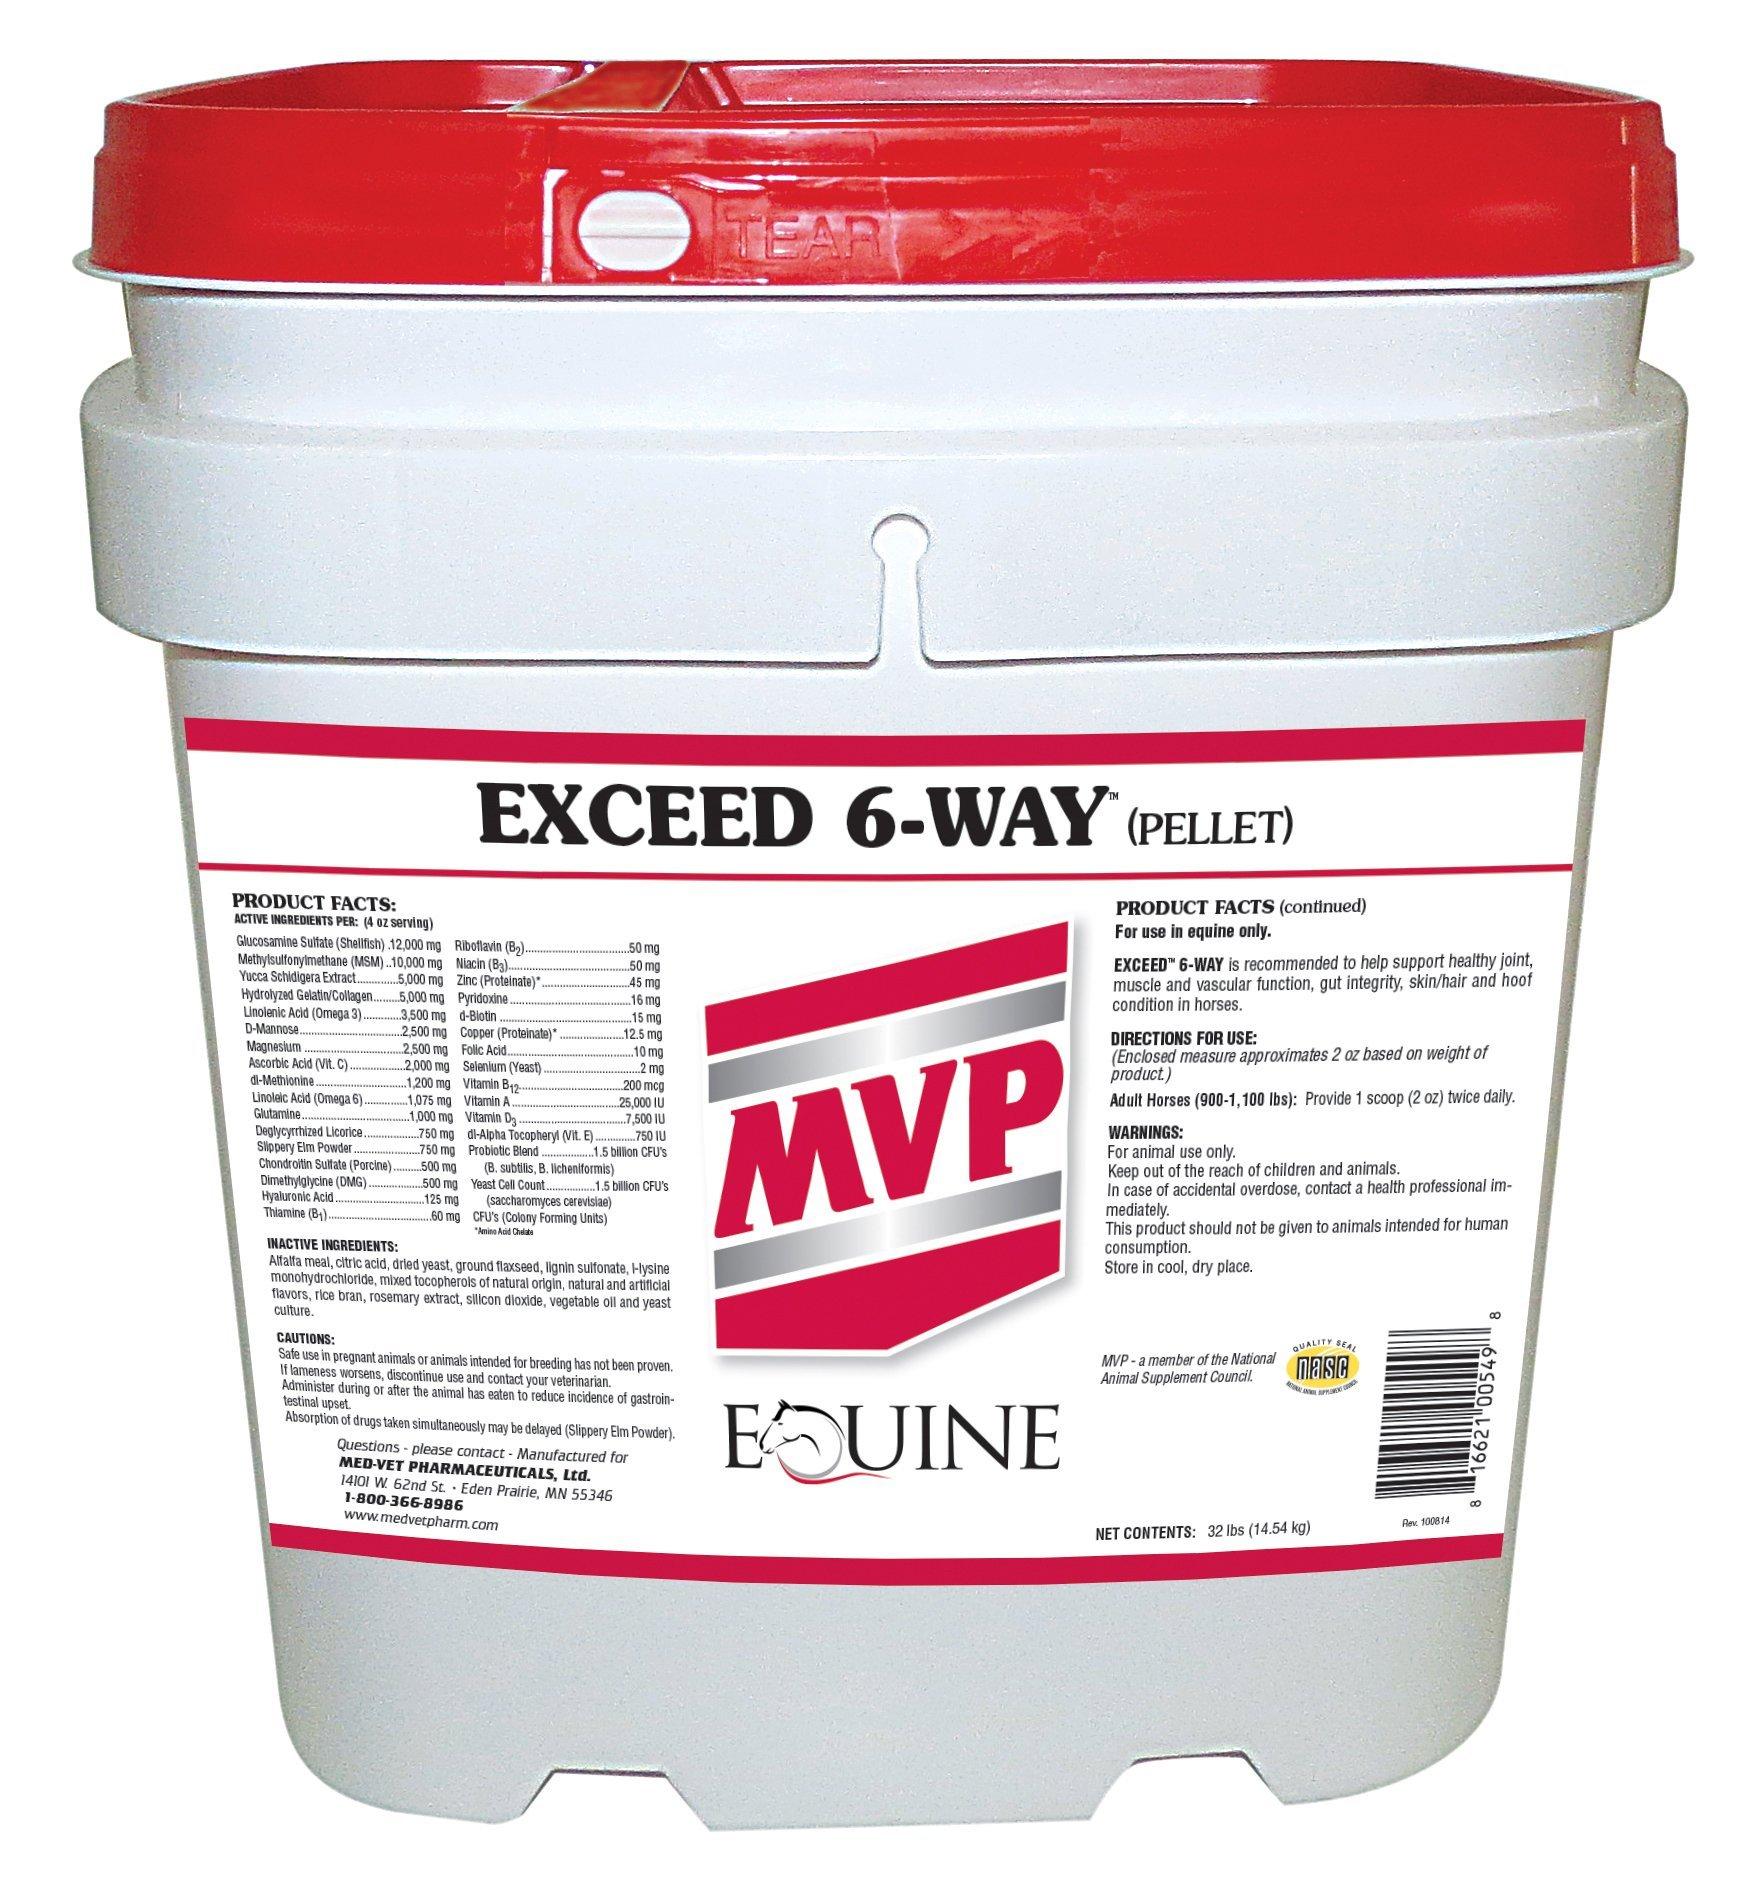 Med-Vet Pharmaceuticals Exceed 6-Way Pellets, 32 lbs by Med-Vet Pharmaceuticals